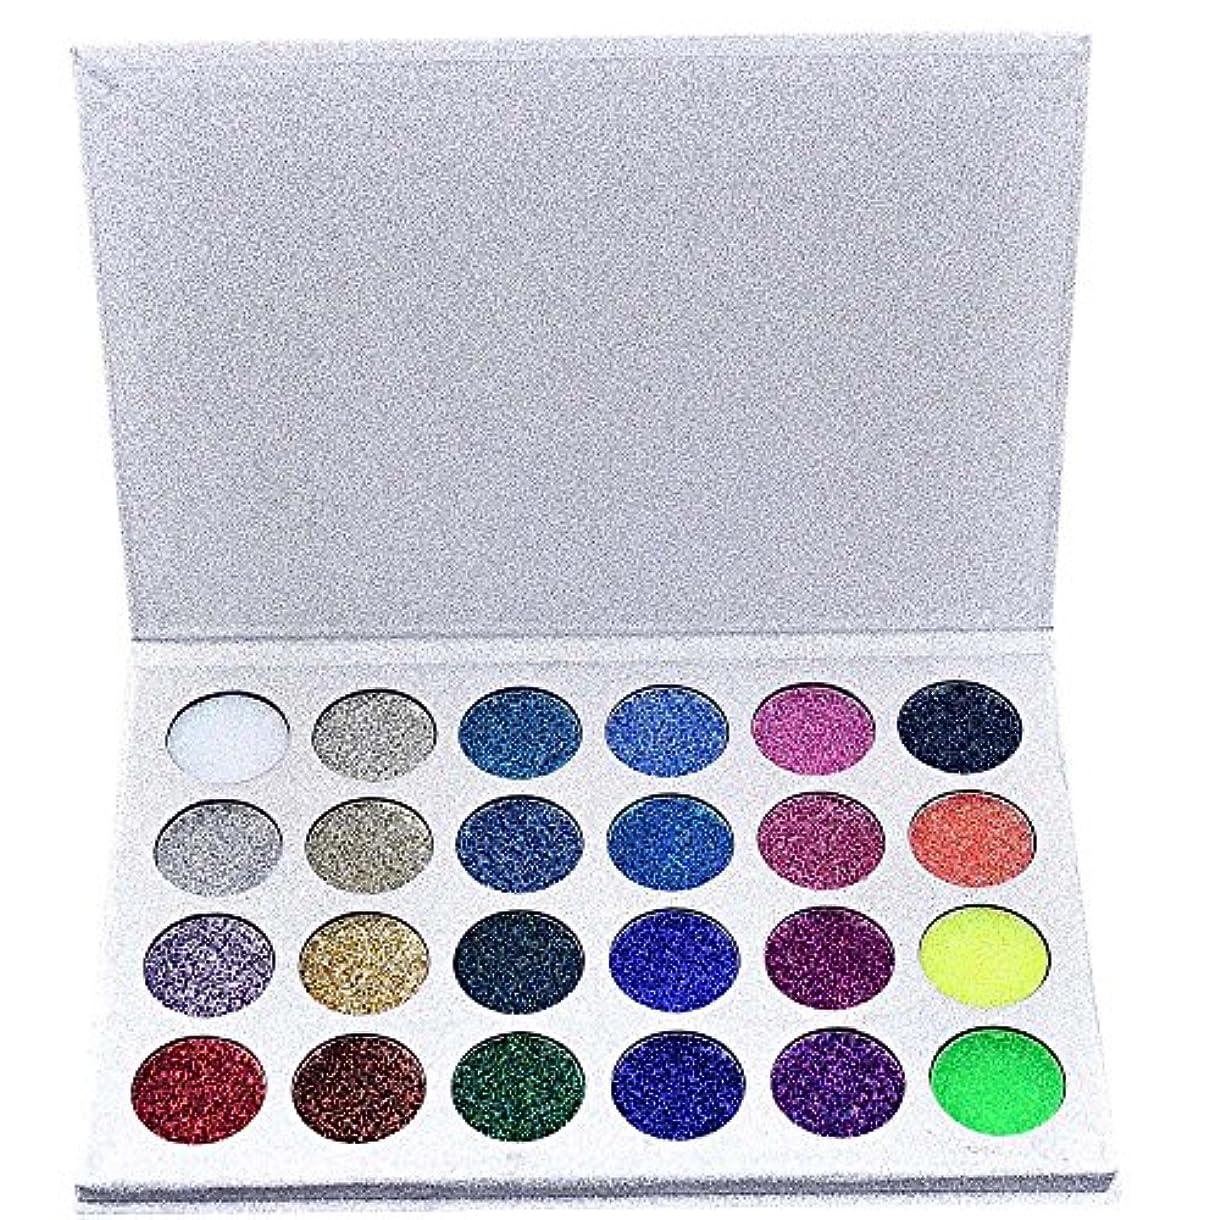 うっかり永遠に言う24色化粧品パウダーアイシャドーパレットメイクナチュラルシマーマットセット